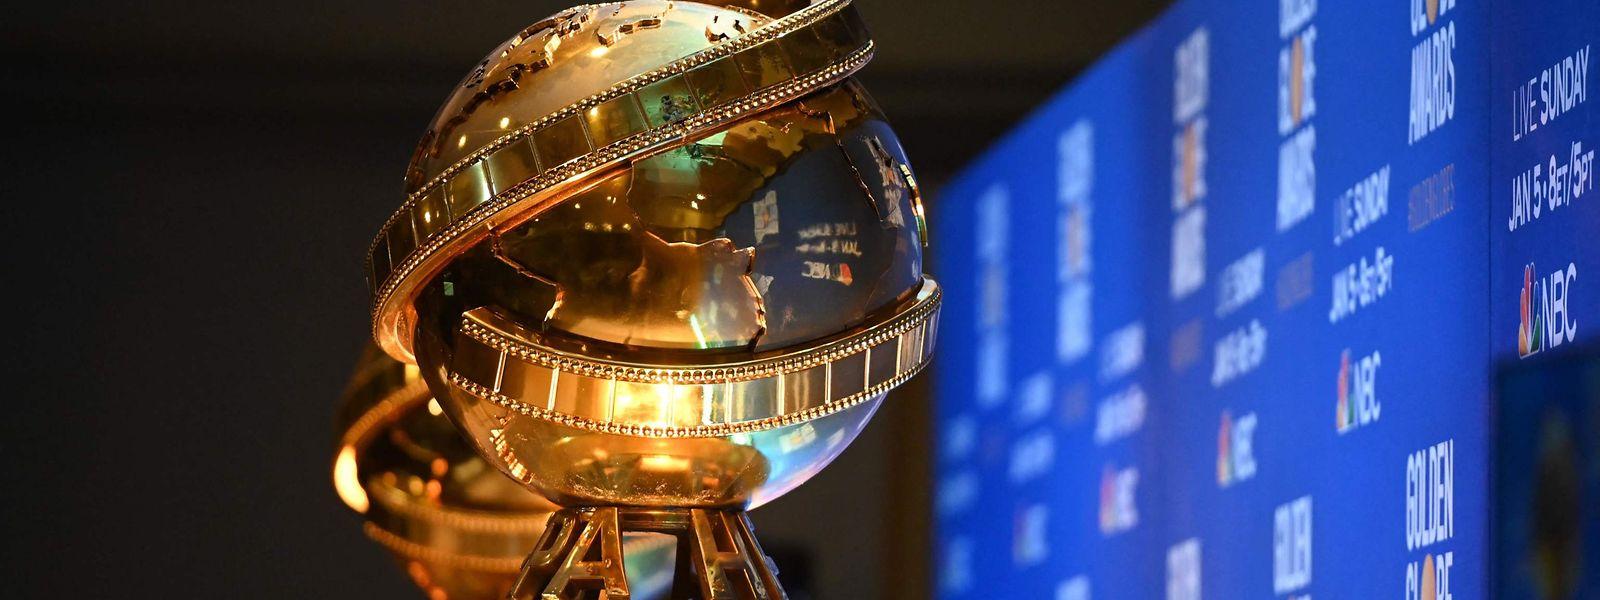 Die Golden Globes gehören zu den wichtigsten Filmpreisen weltweit. Doch der Filmverband gerät zunehmend unter Druck.